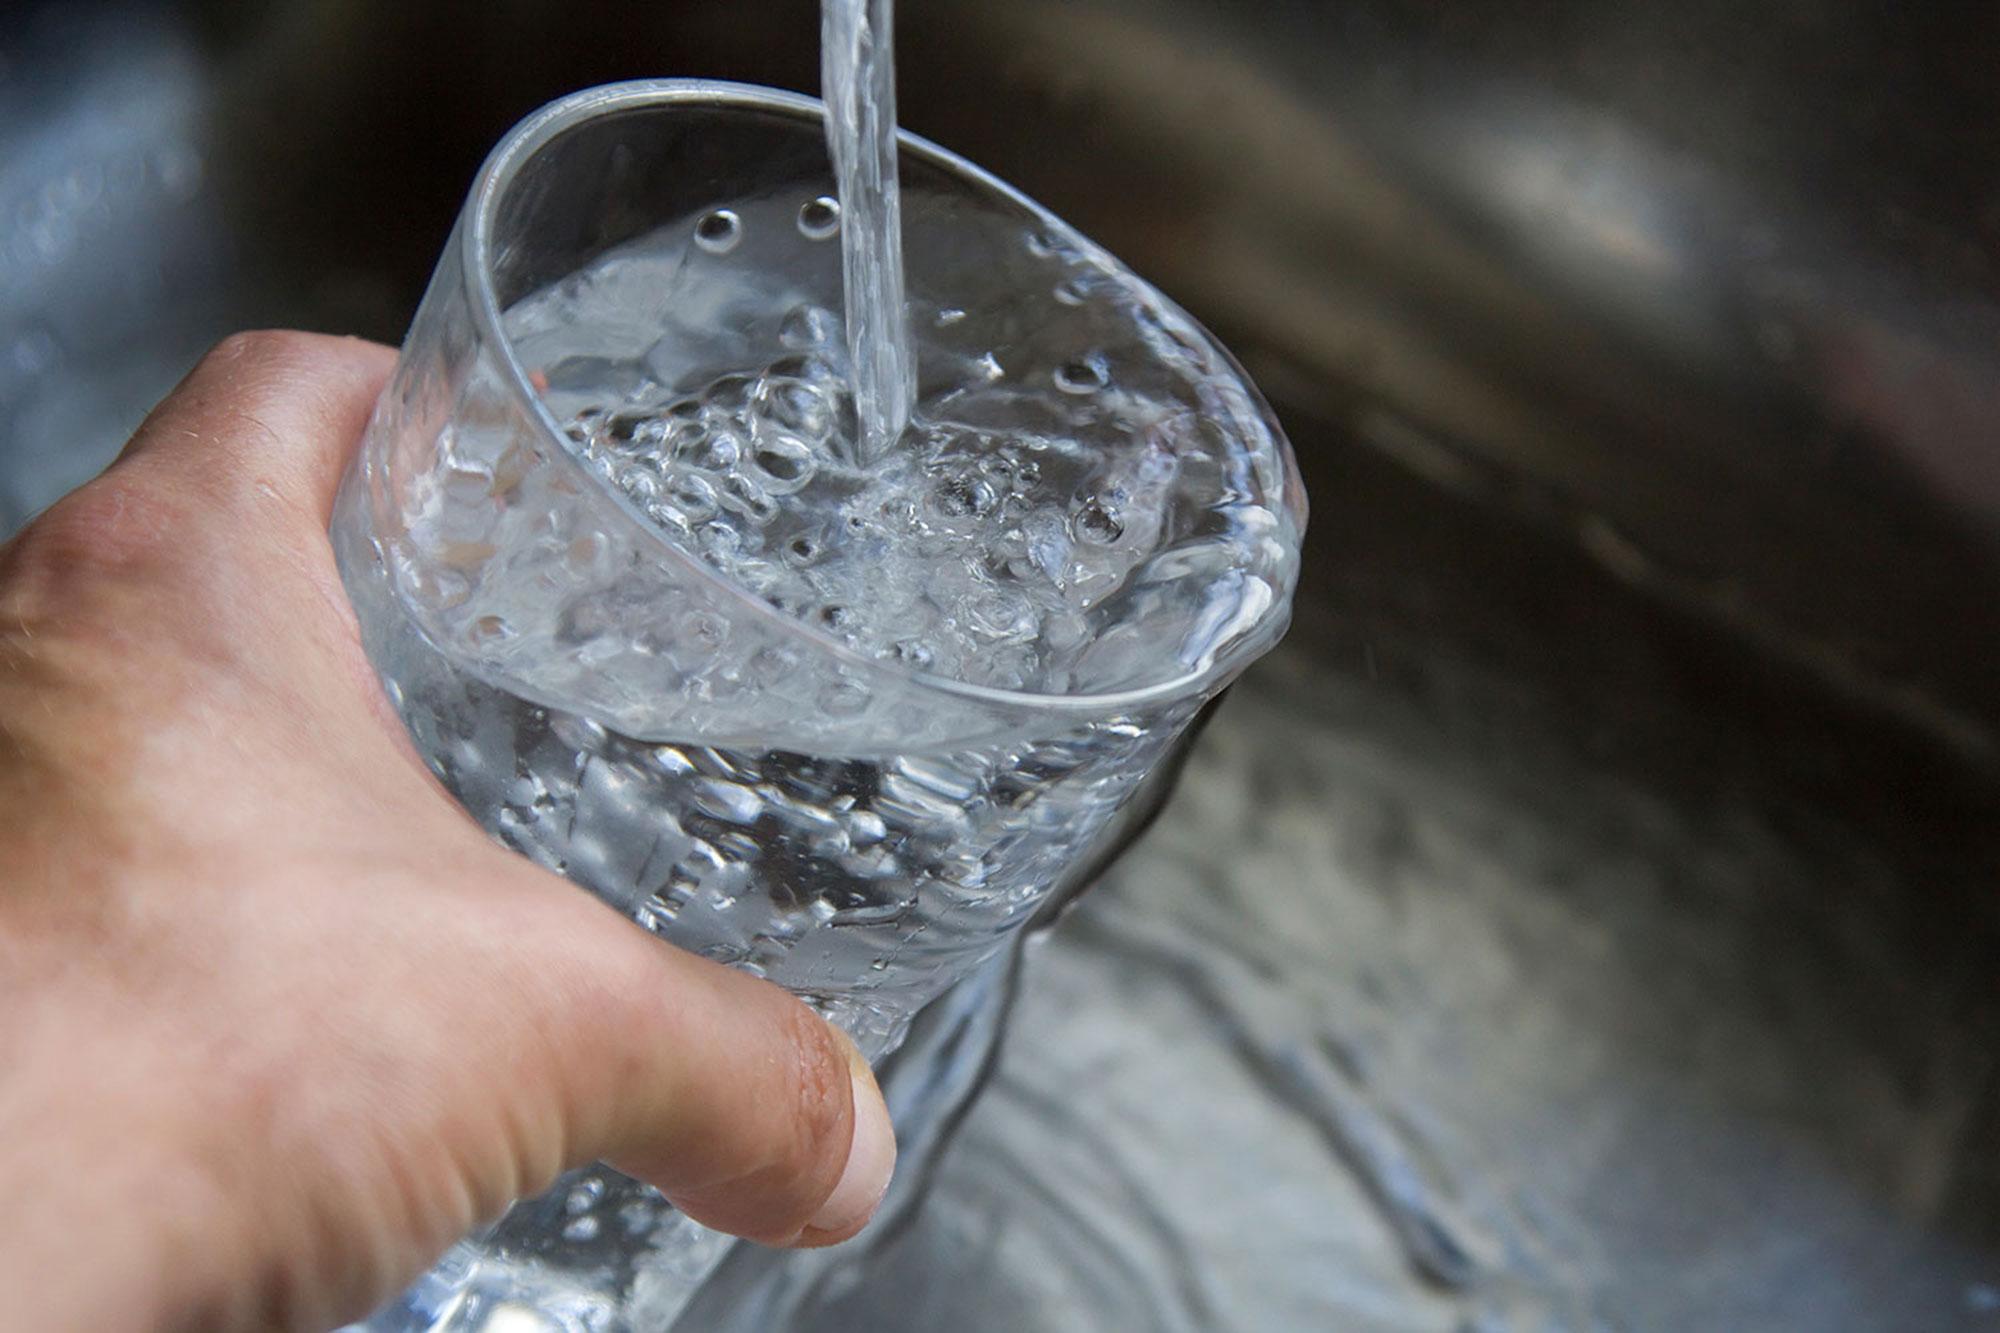 vand i kroppen efter vægt dejlig jenny